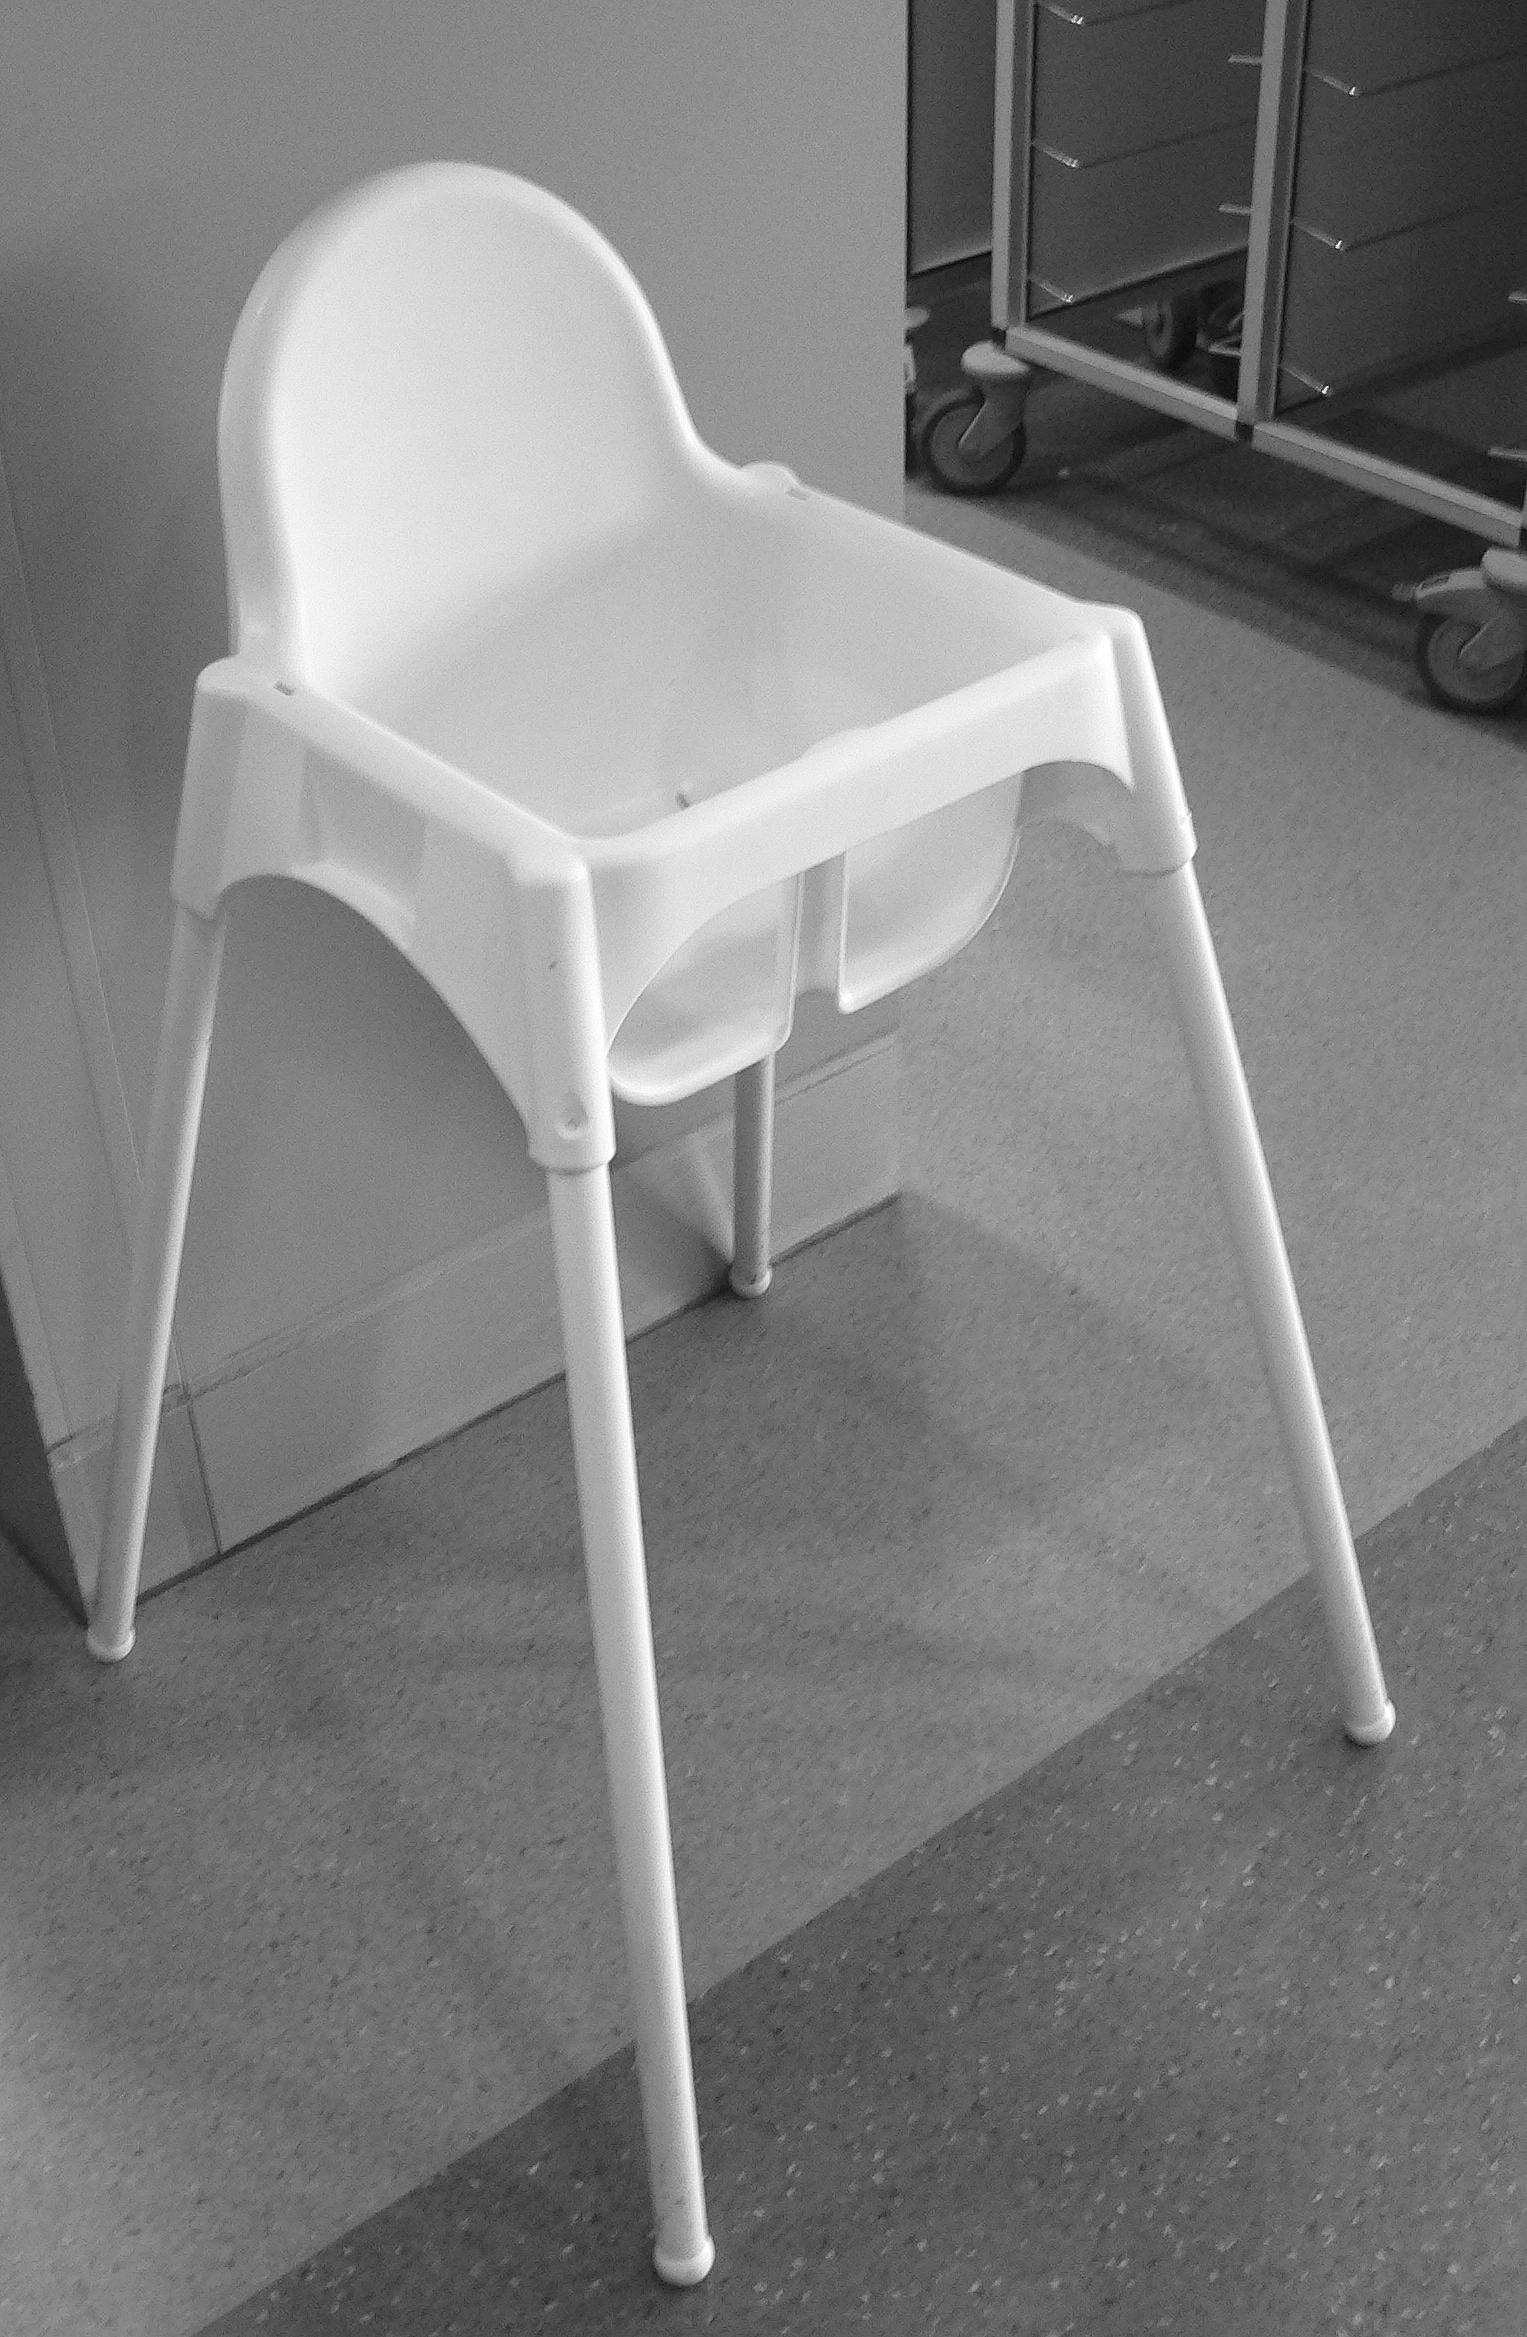 hochstuhl sitzm bel. Black Bedroom Furniture Sets. Home Design Ideas